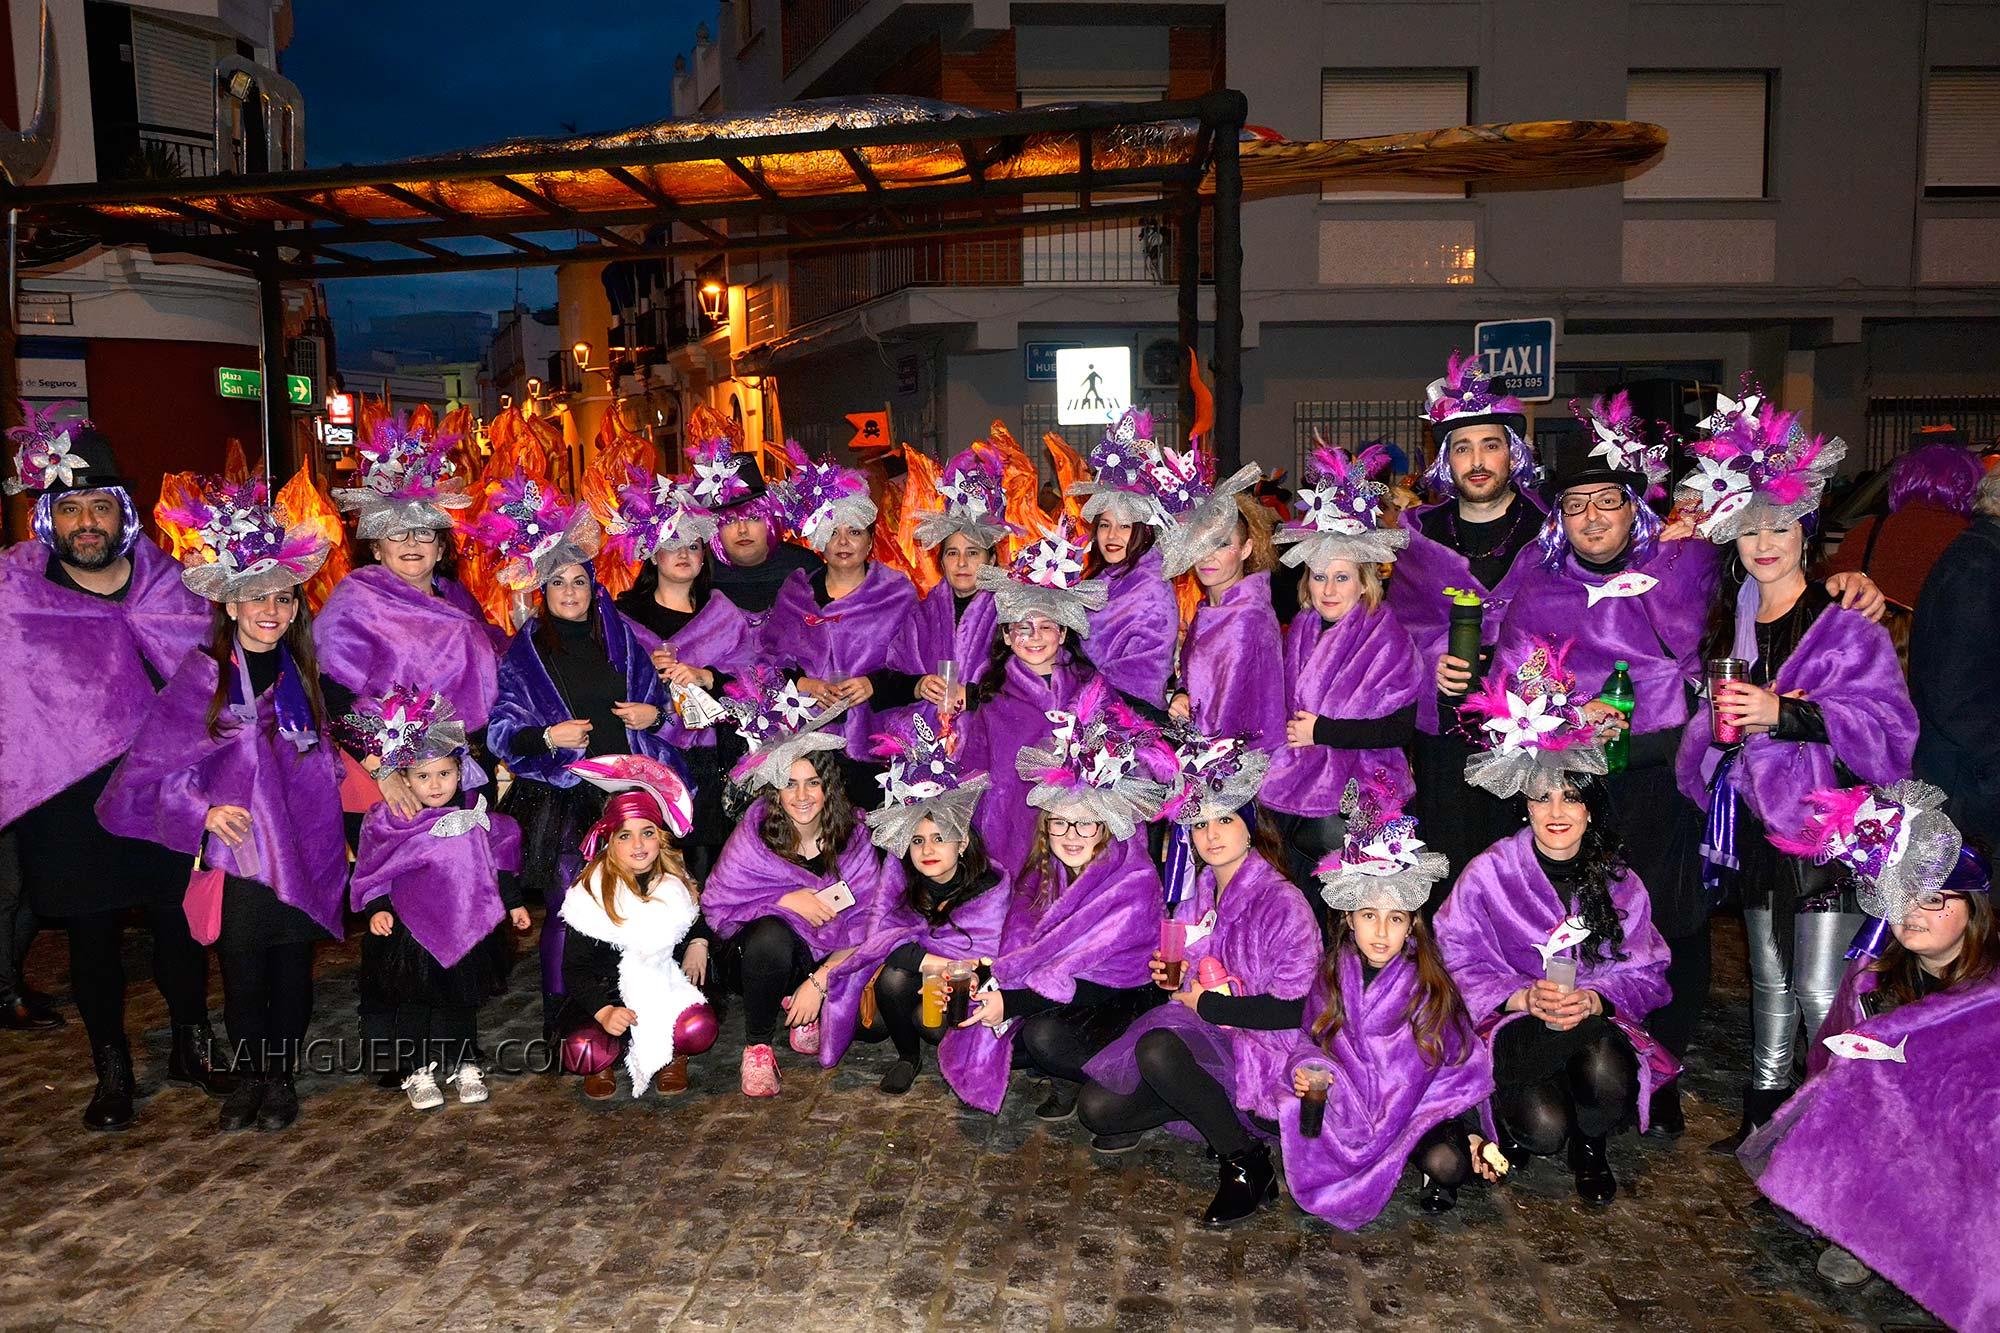 Entierro de la sardina carnaval isla cristina _DSC1935